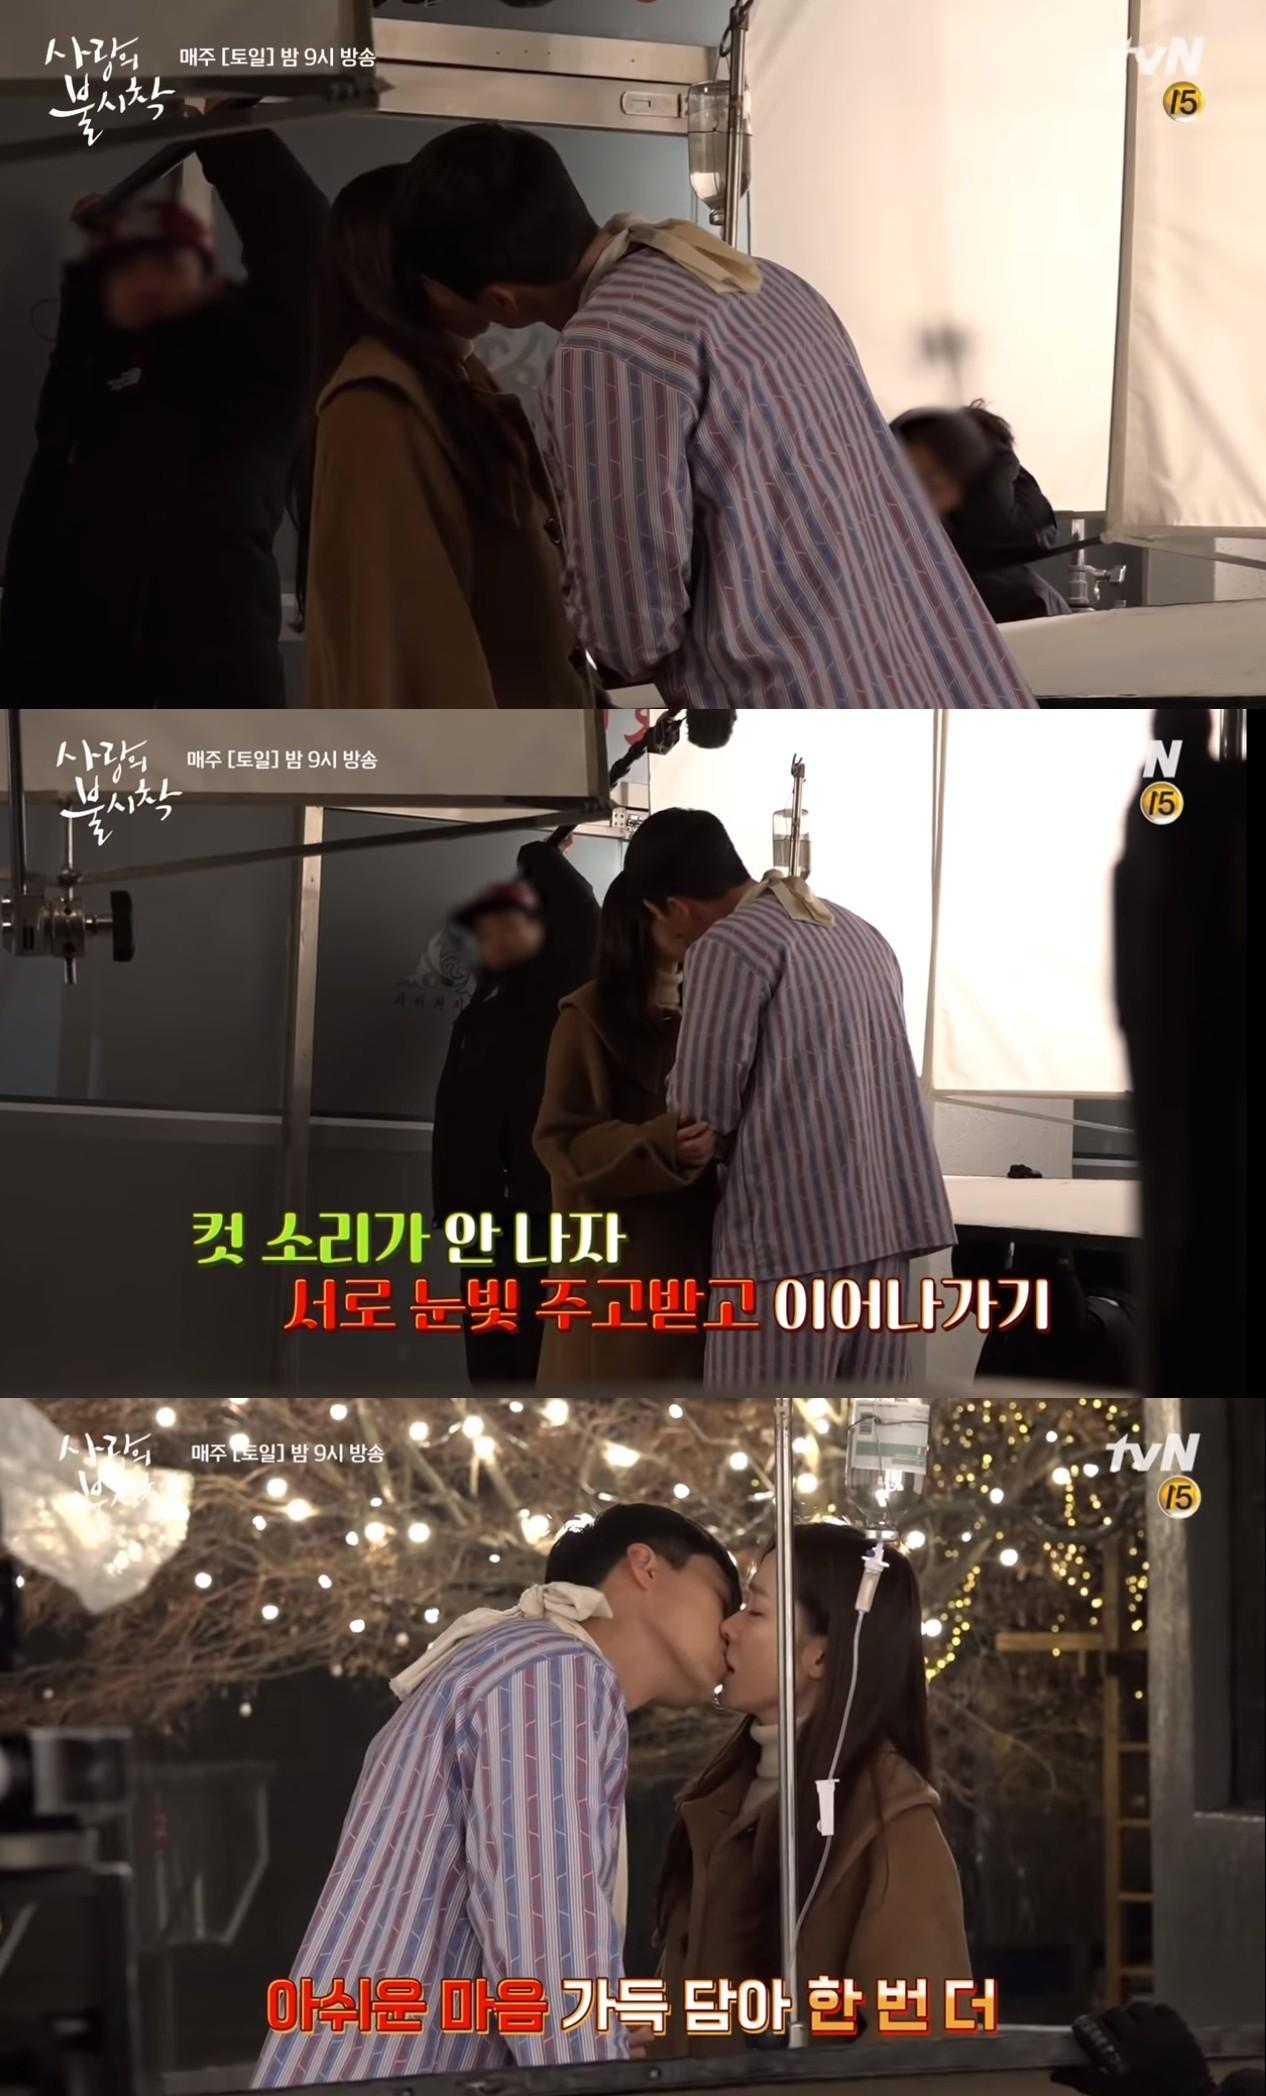 ▲玄彬和孫藝真拍吻戲,導演沒喊卡默契繼續親。(圖/翻攝自tvN DRAMA YouTube)